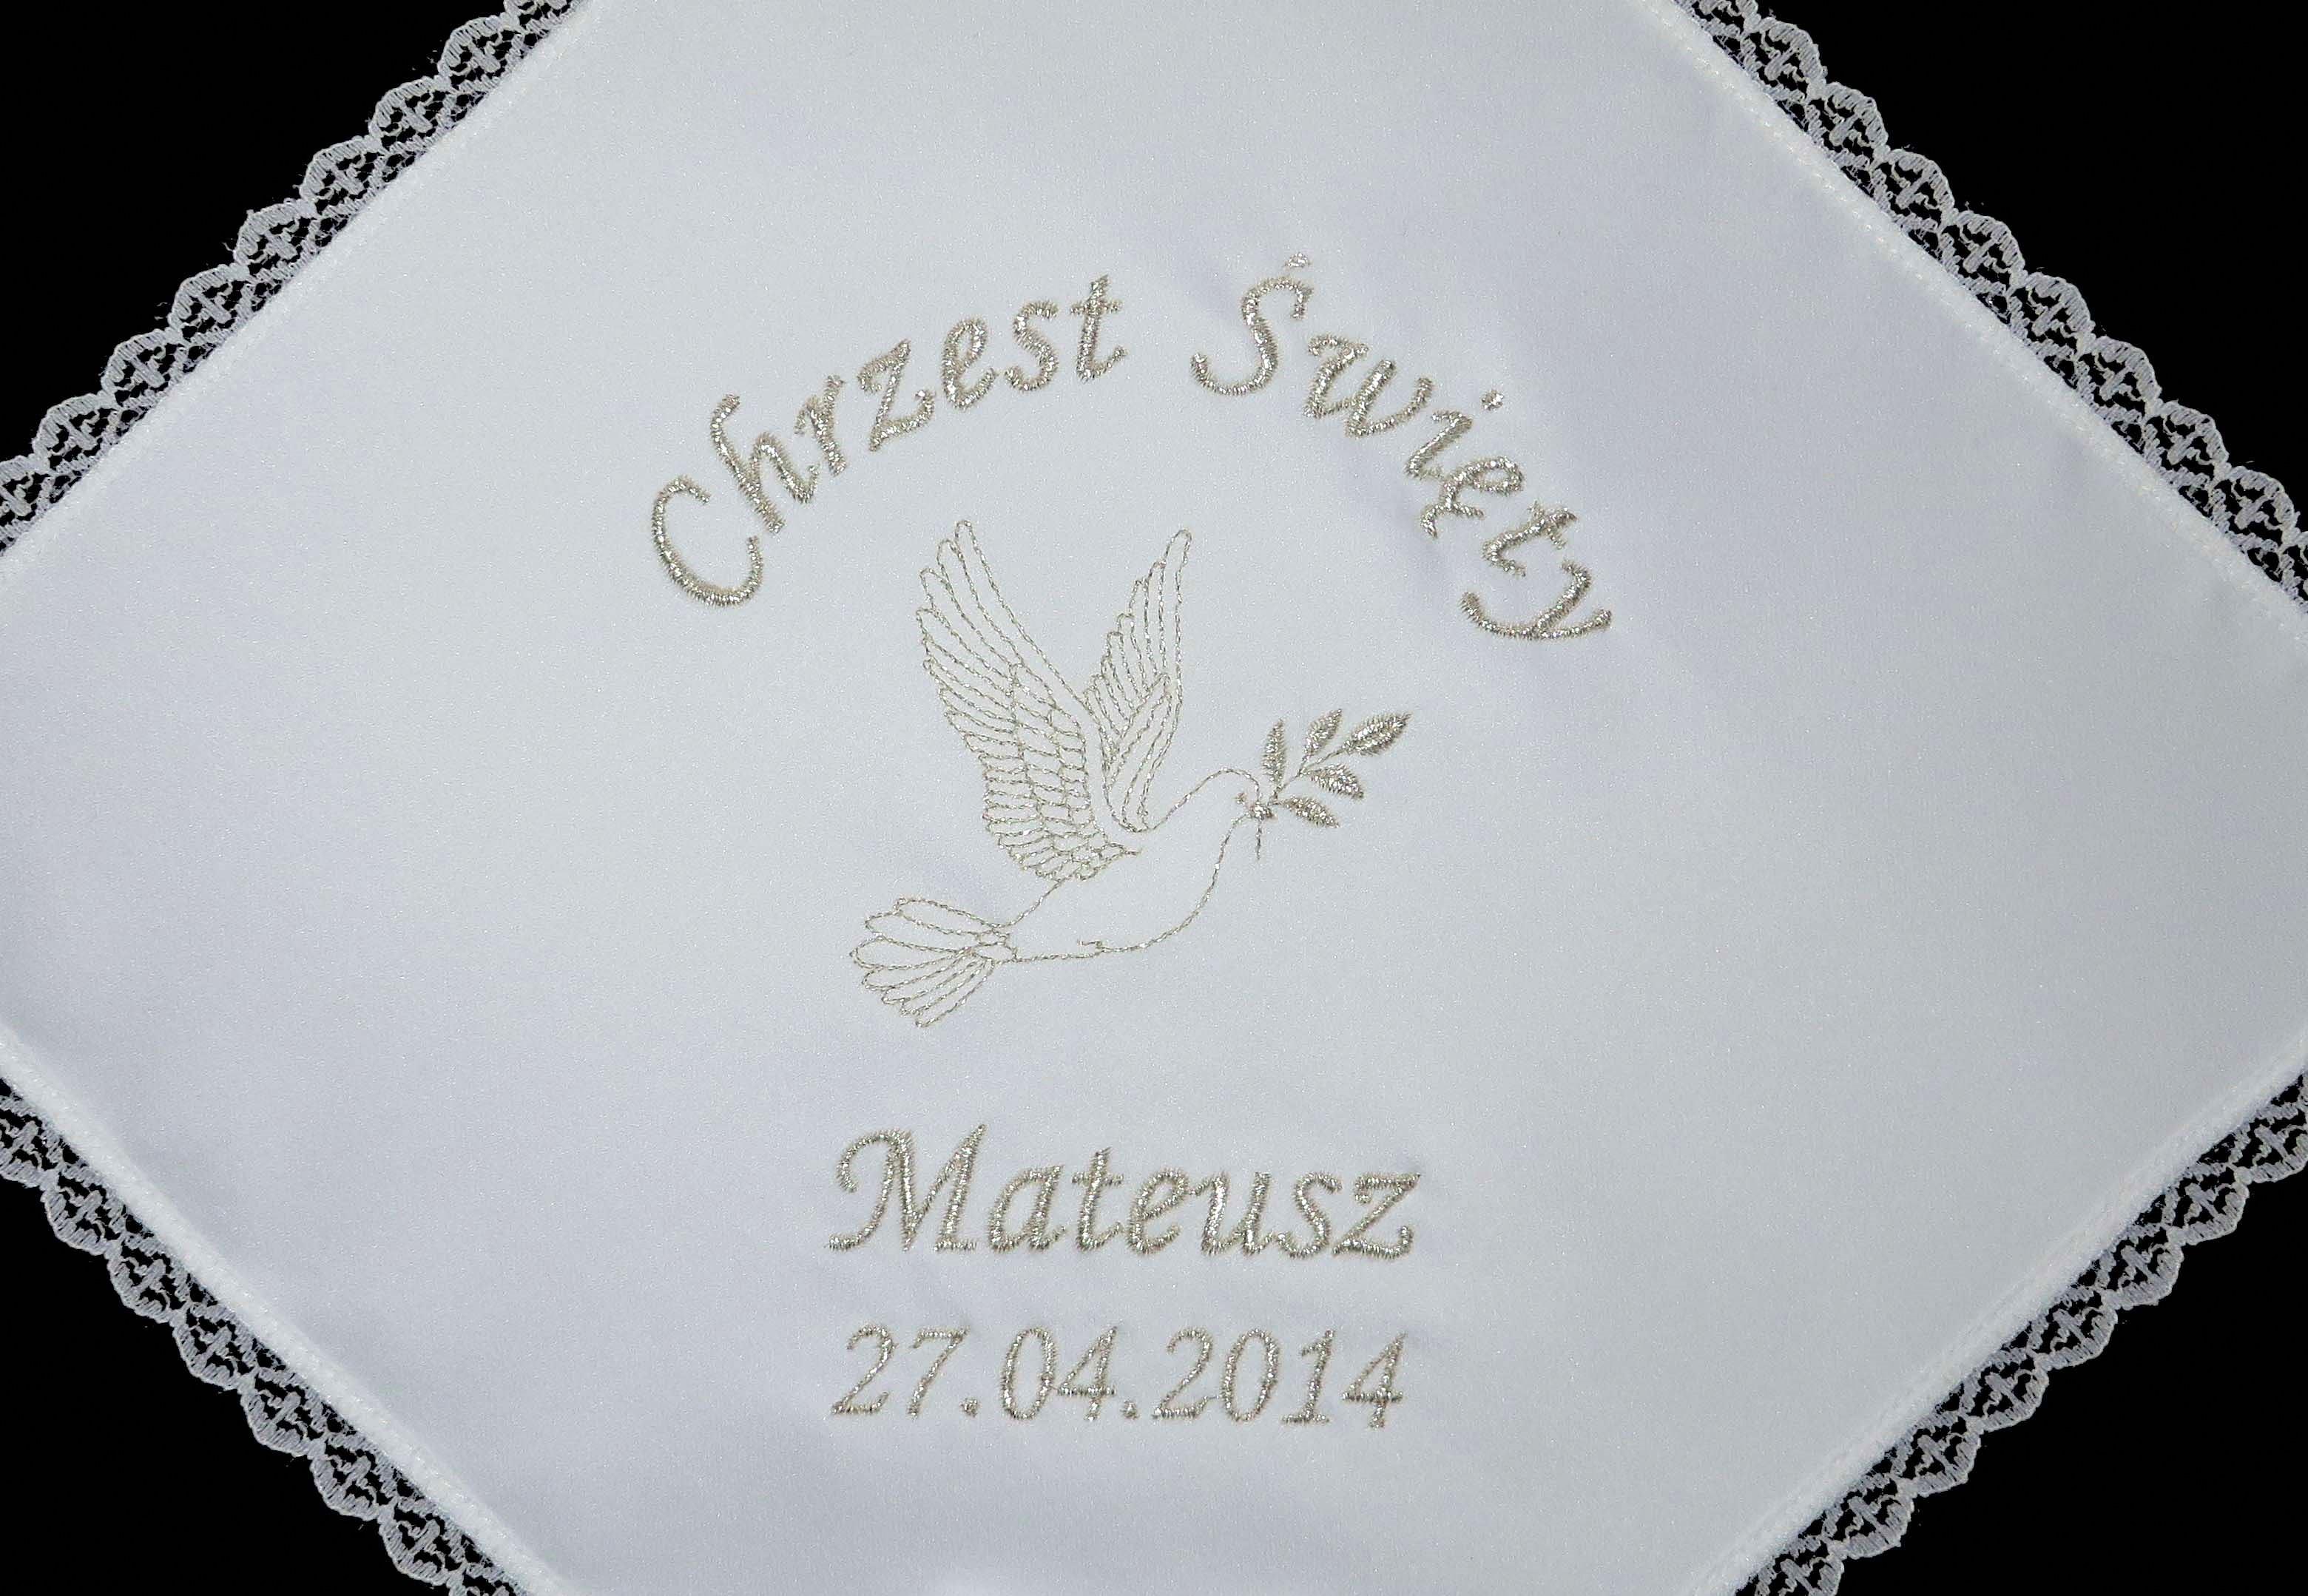 szatki do chrztu na chrzest chrzciny haftowane z haftem imieniem data pamiatka haft komputerowy maszynowy szydelkowakraina